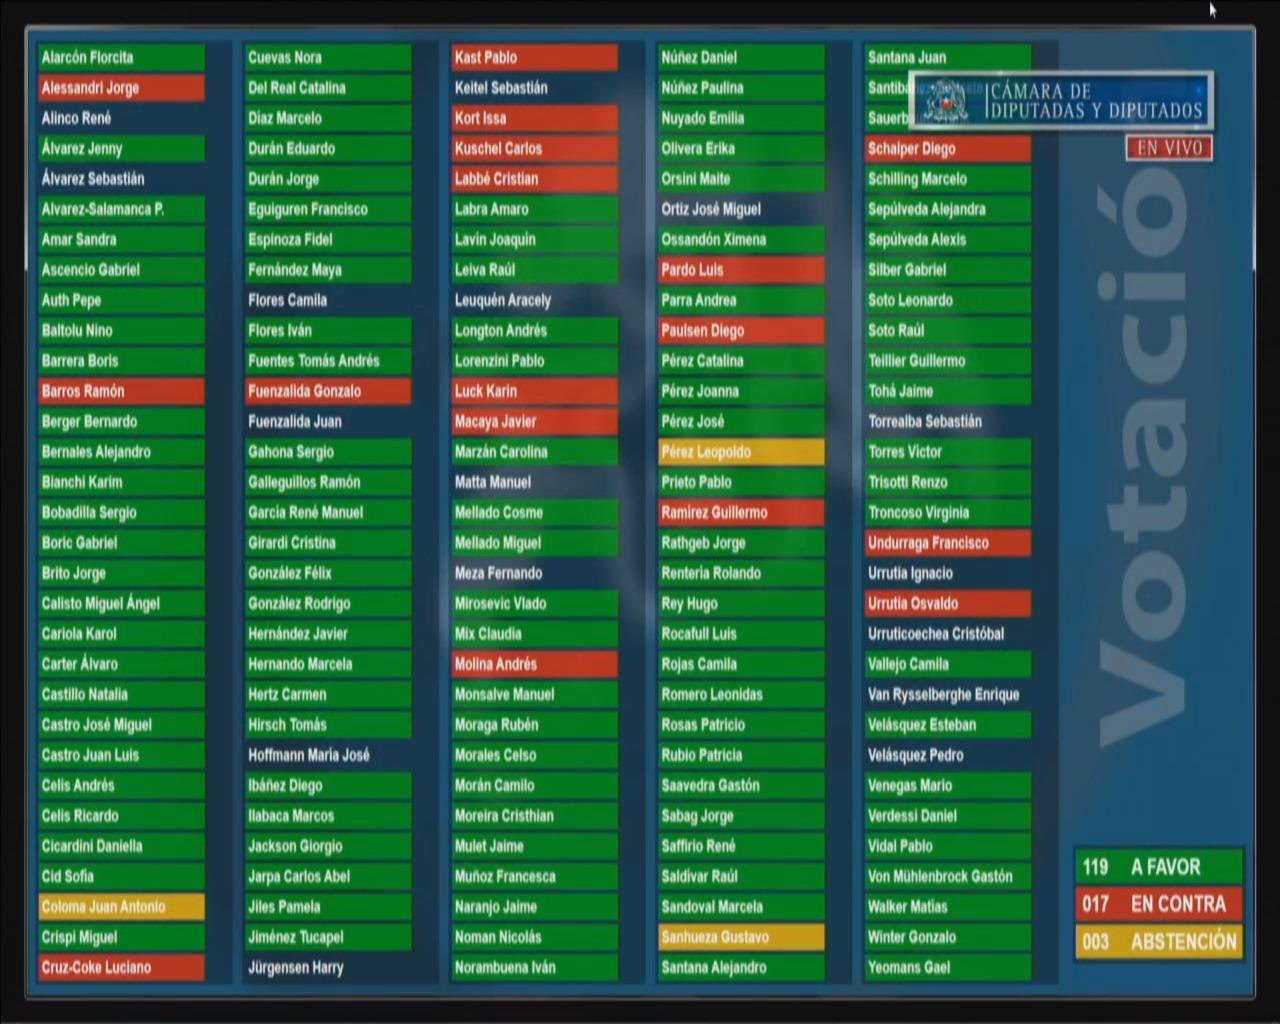 Votacion Camara tercer retiro 2304